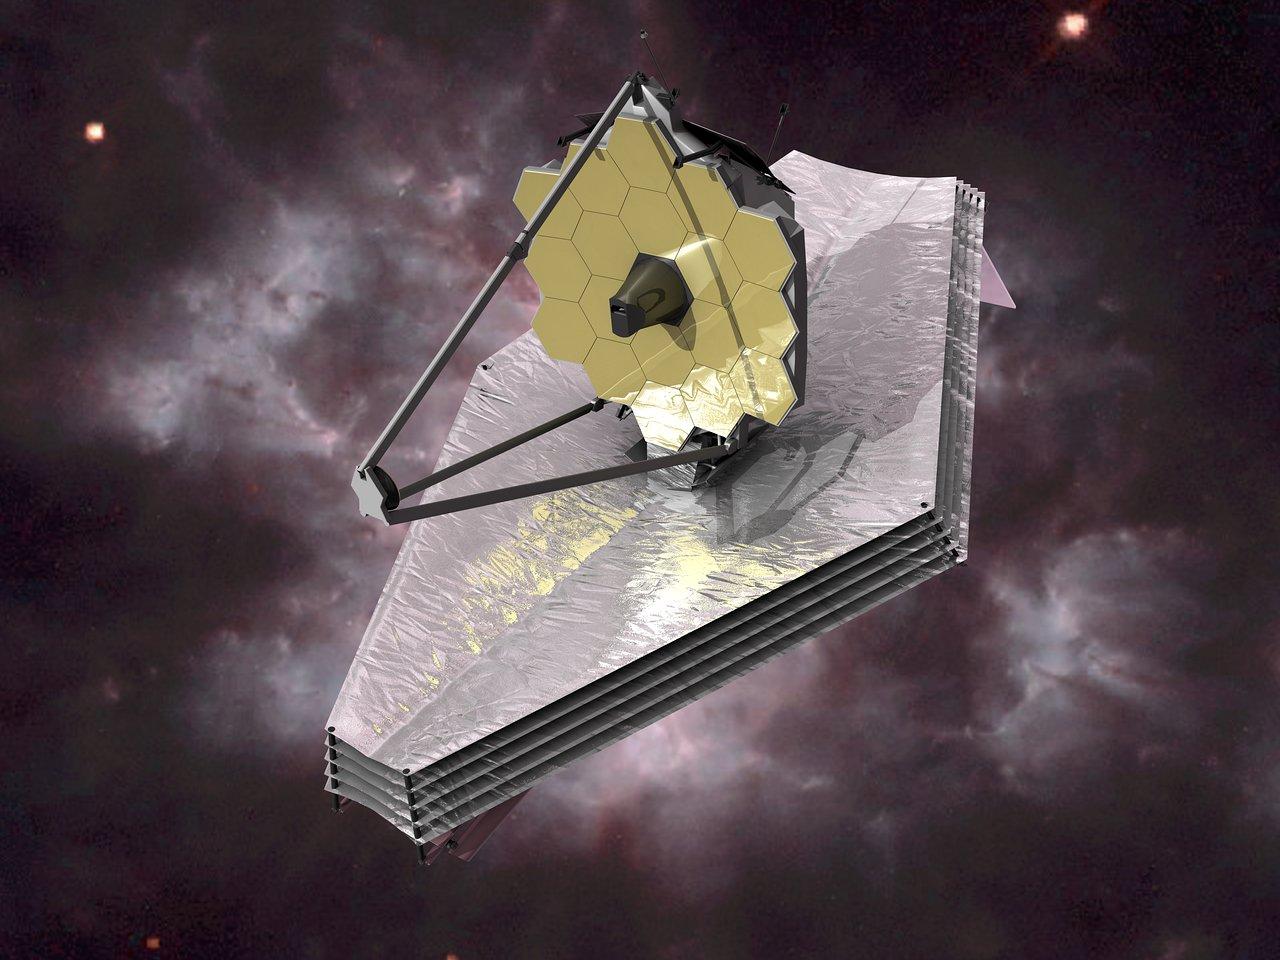 James webb space telescope launch date in Brisbane